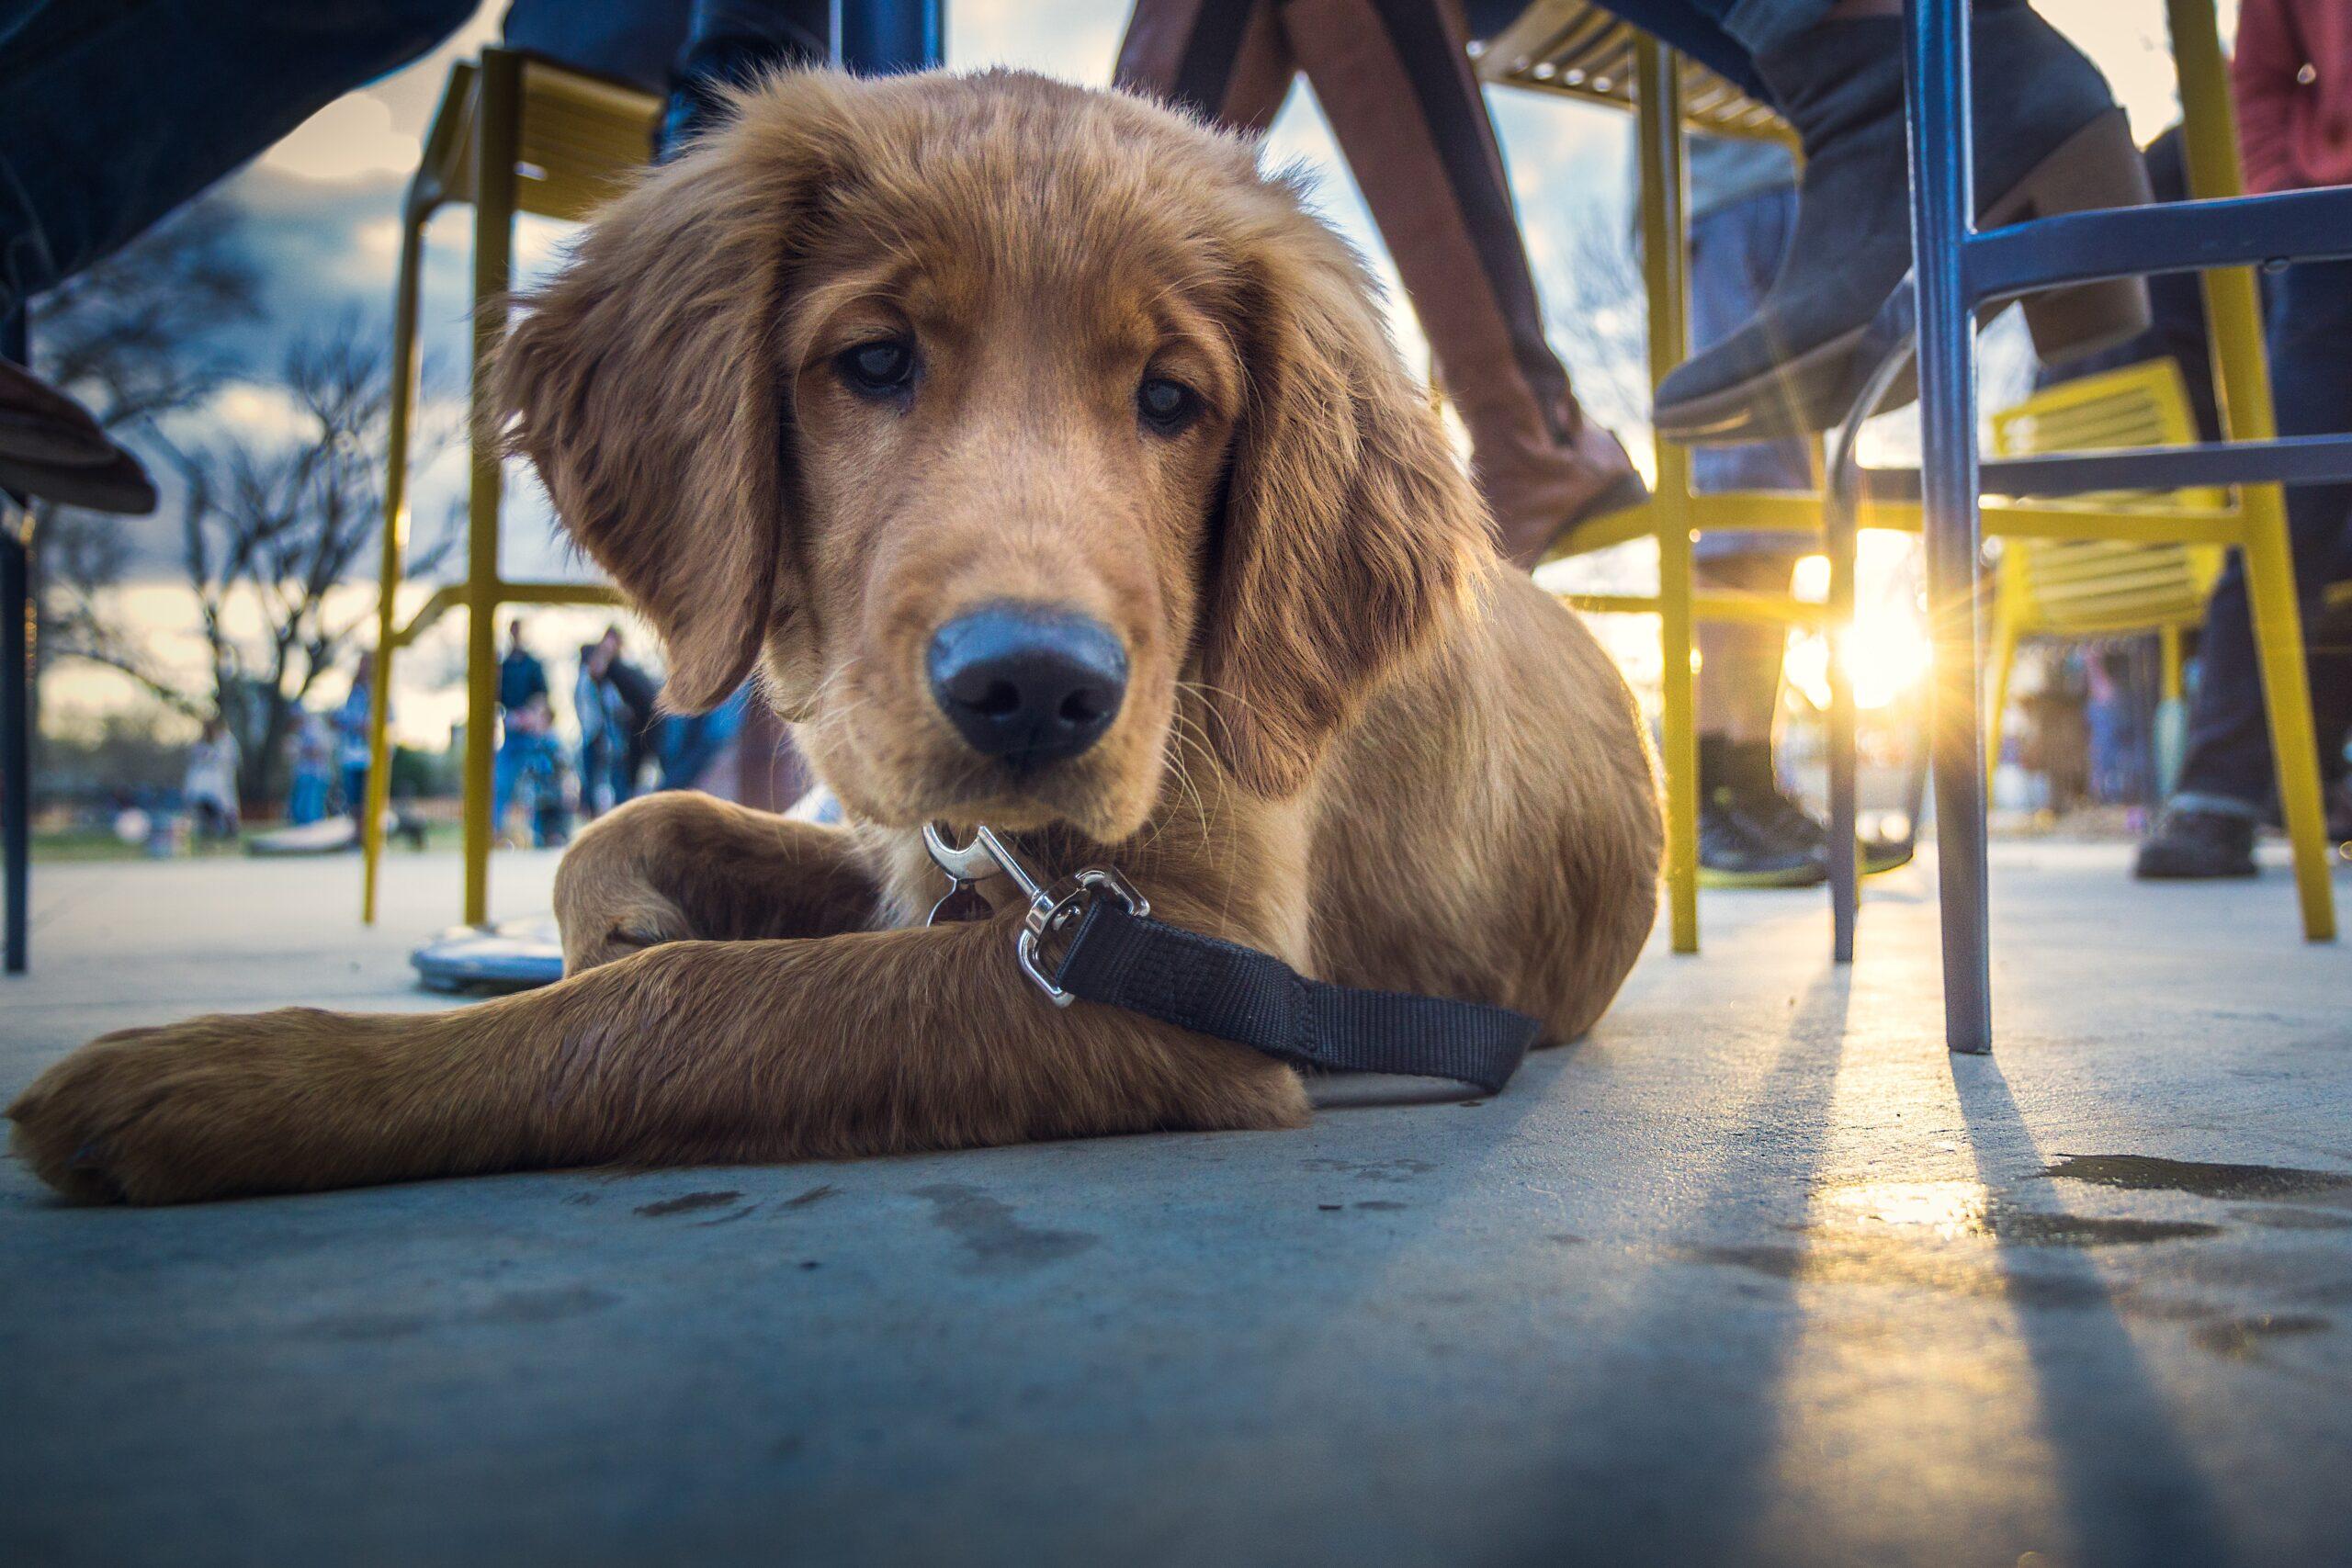 Bristol dog friendly restaurant